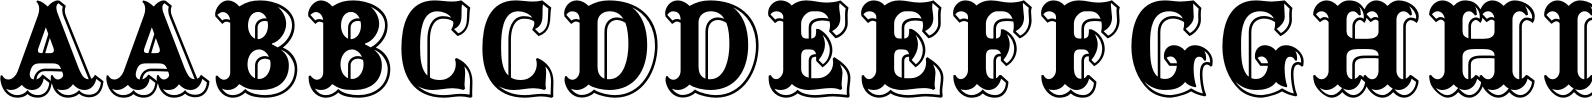 Circensis